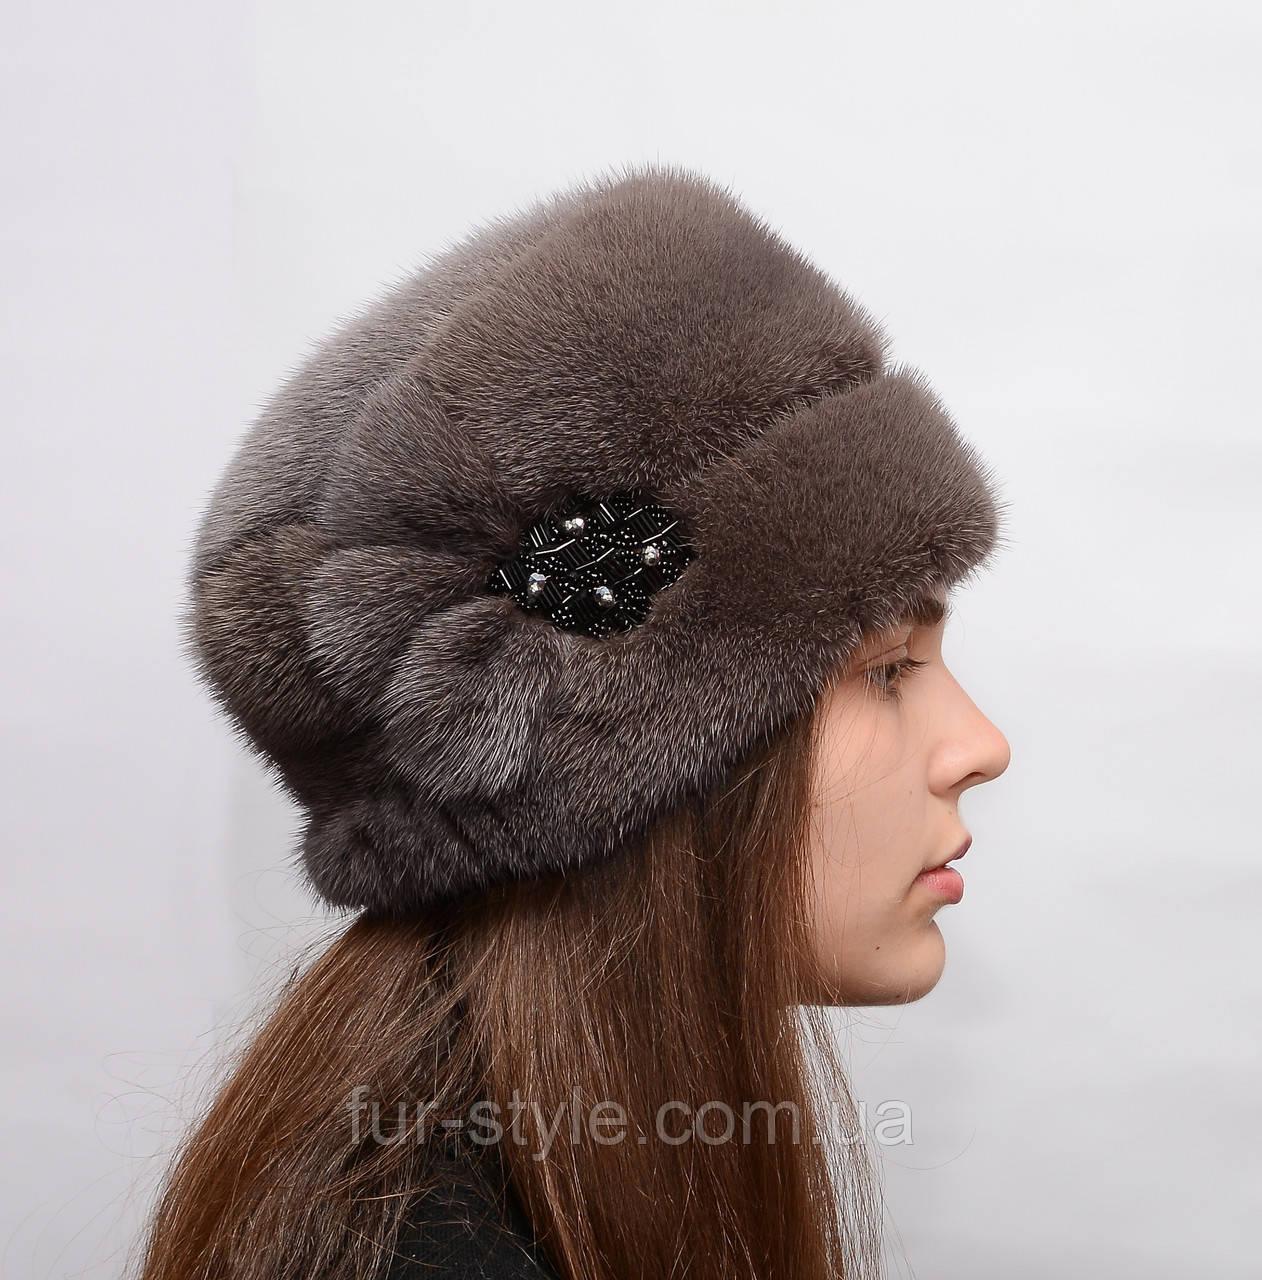 Как сохранить прическу под шапкой?